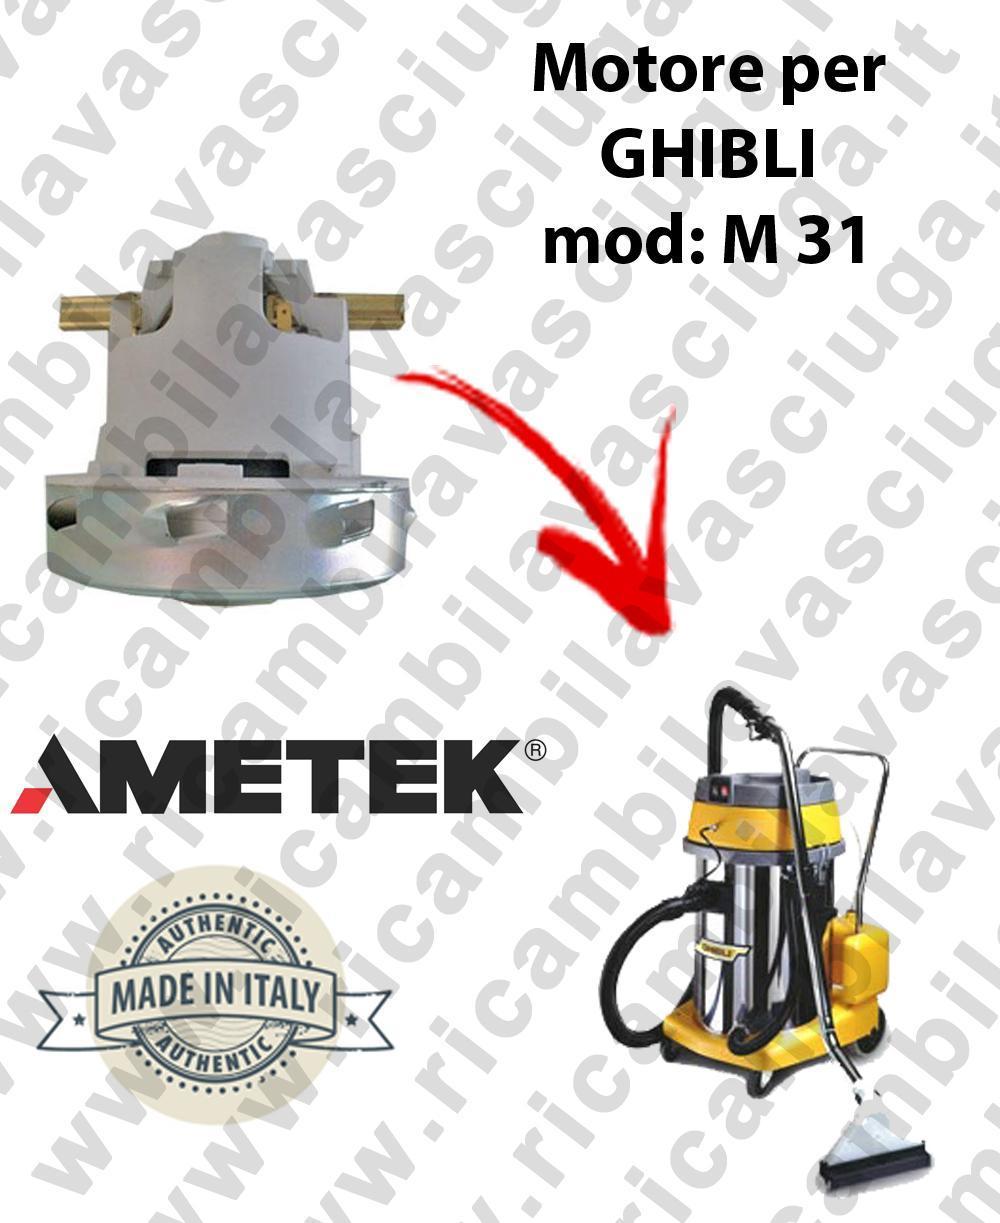 M 31 Saugmotor AMETEK für Staubsauger GHIBLI